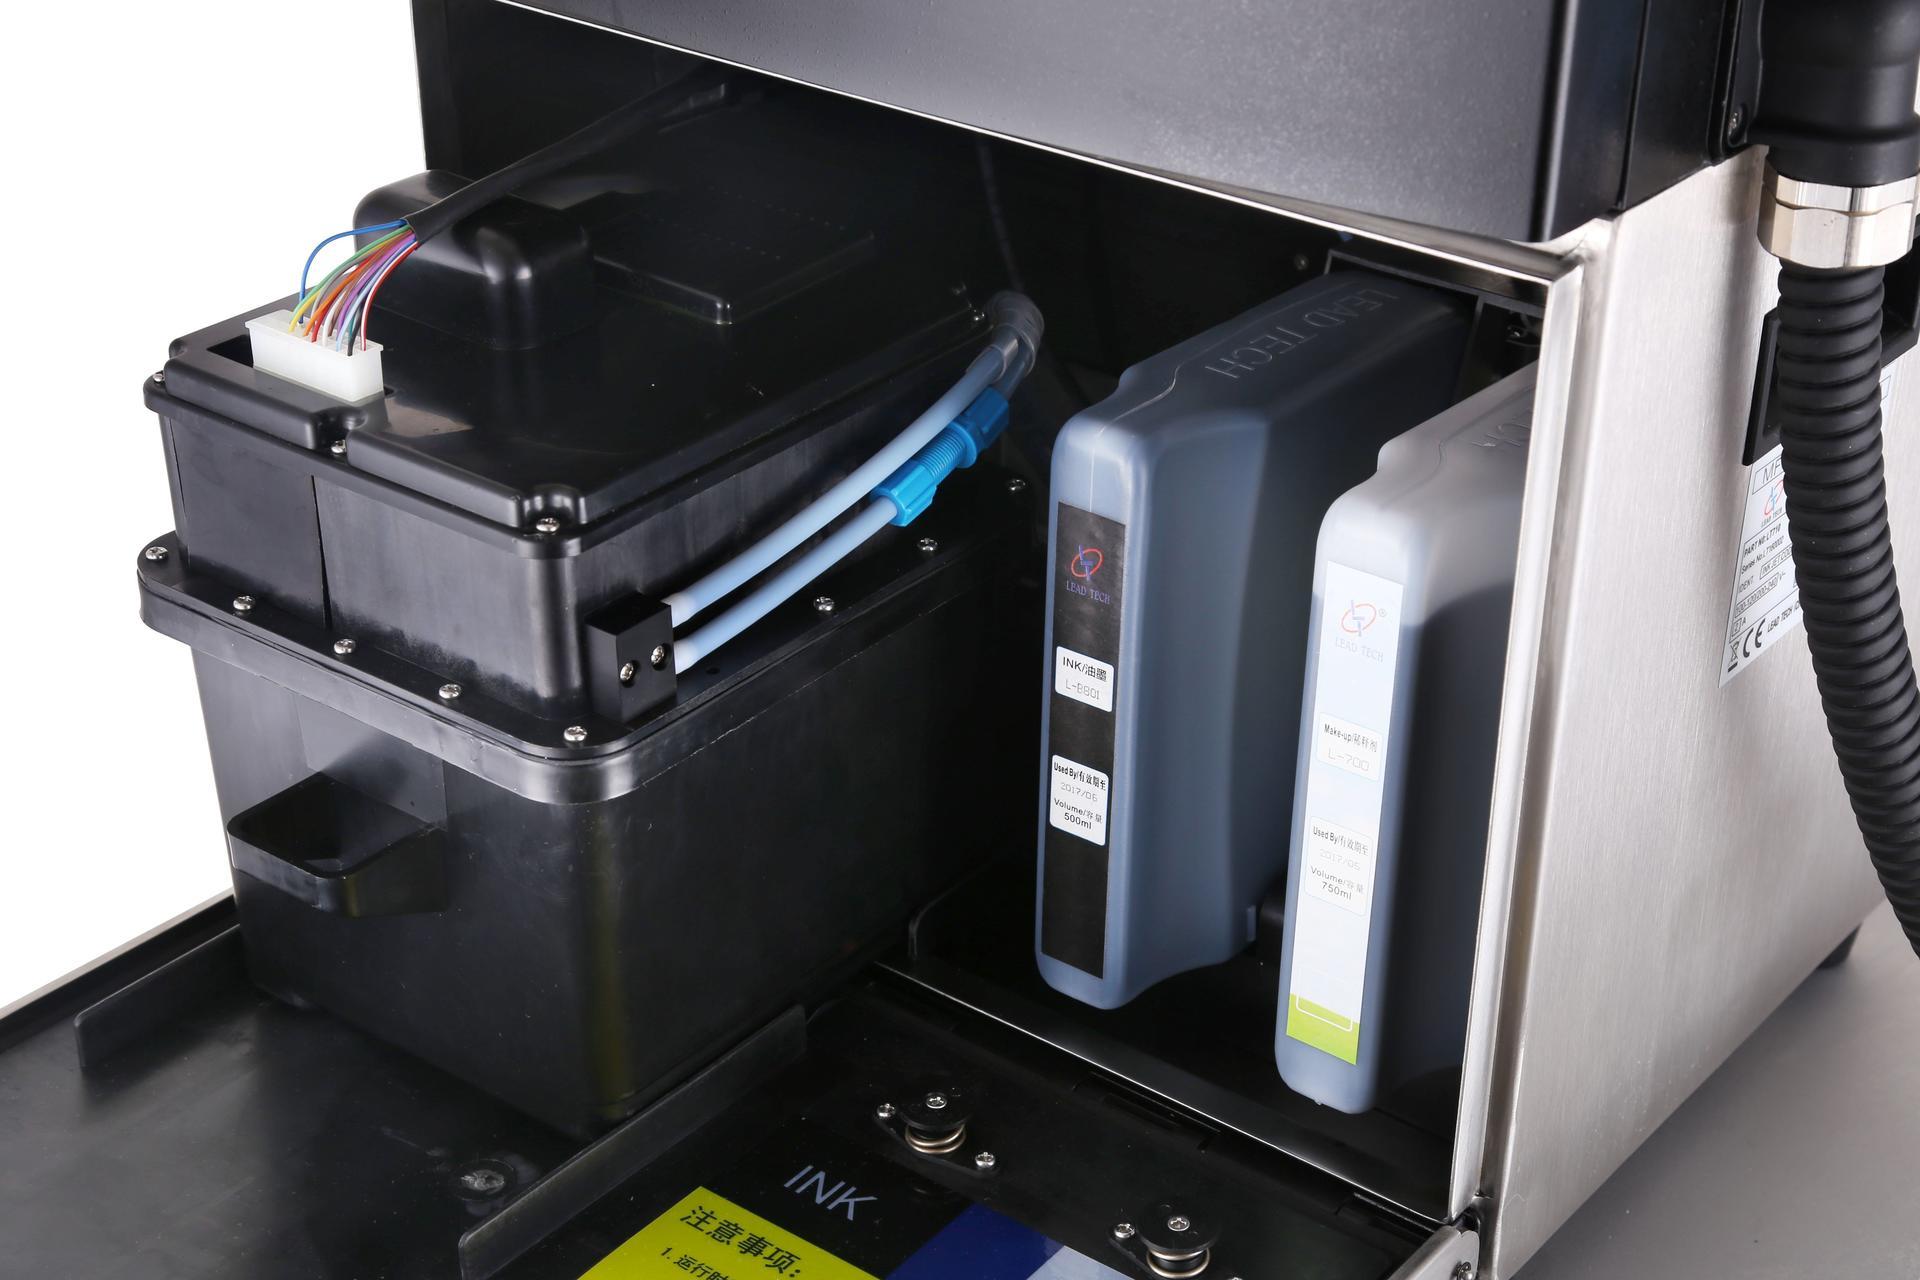 Lead Tech Lt710 Cij Inkjet Printer for 1d Barcode